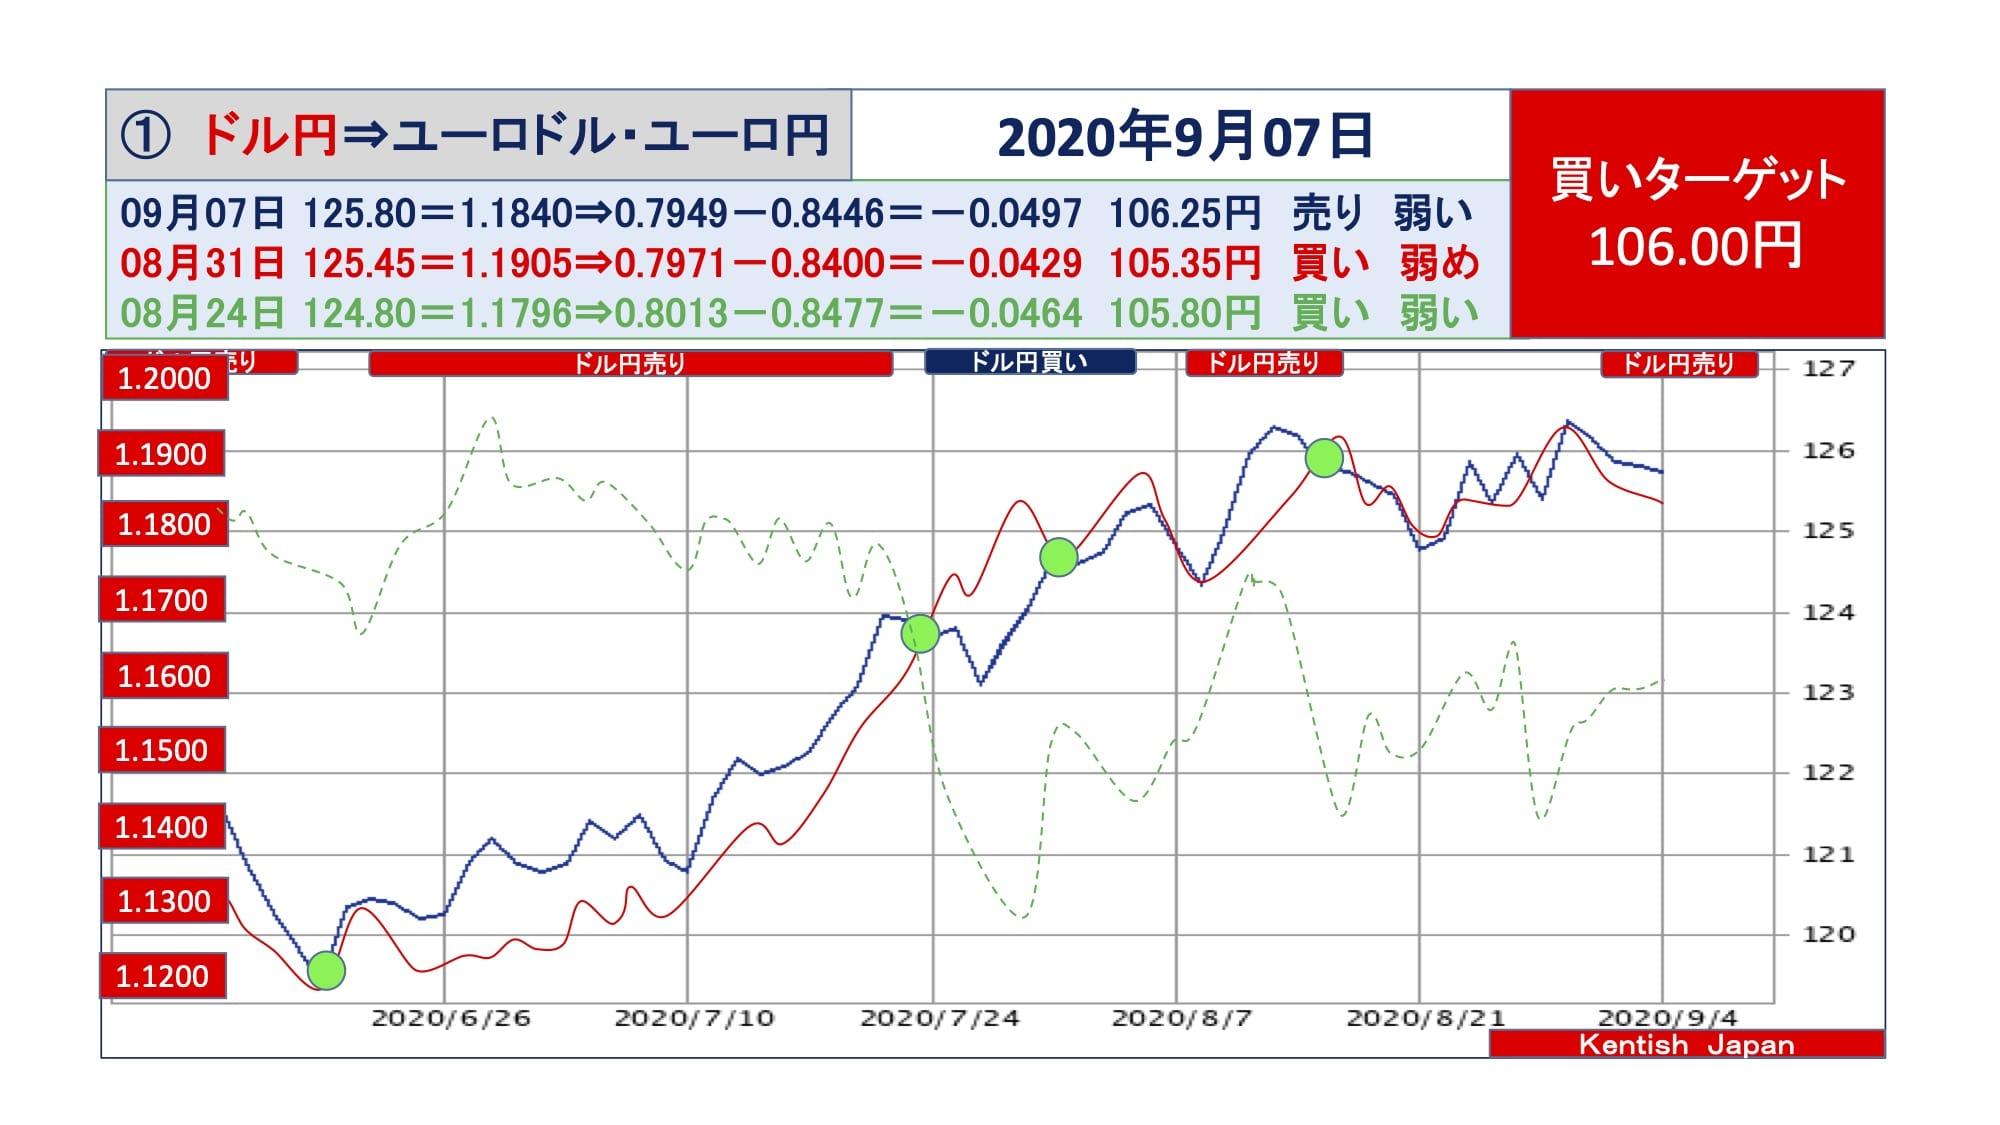 【2020年9月7日週】ドル円⇔ユーロから見るドル円相場(ユーロドル⇔ユーロ円)